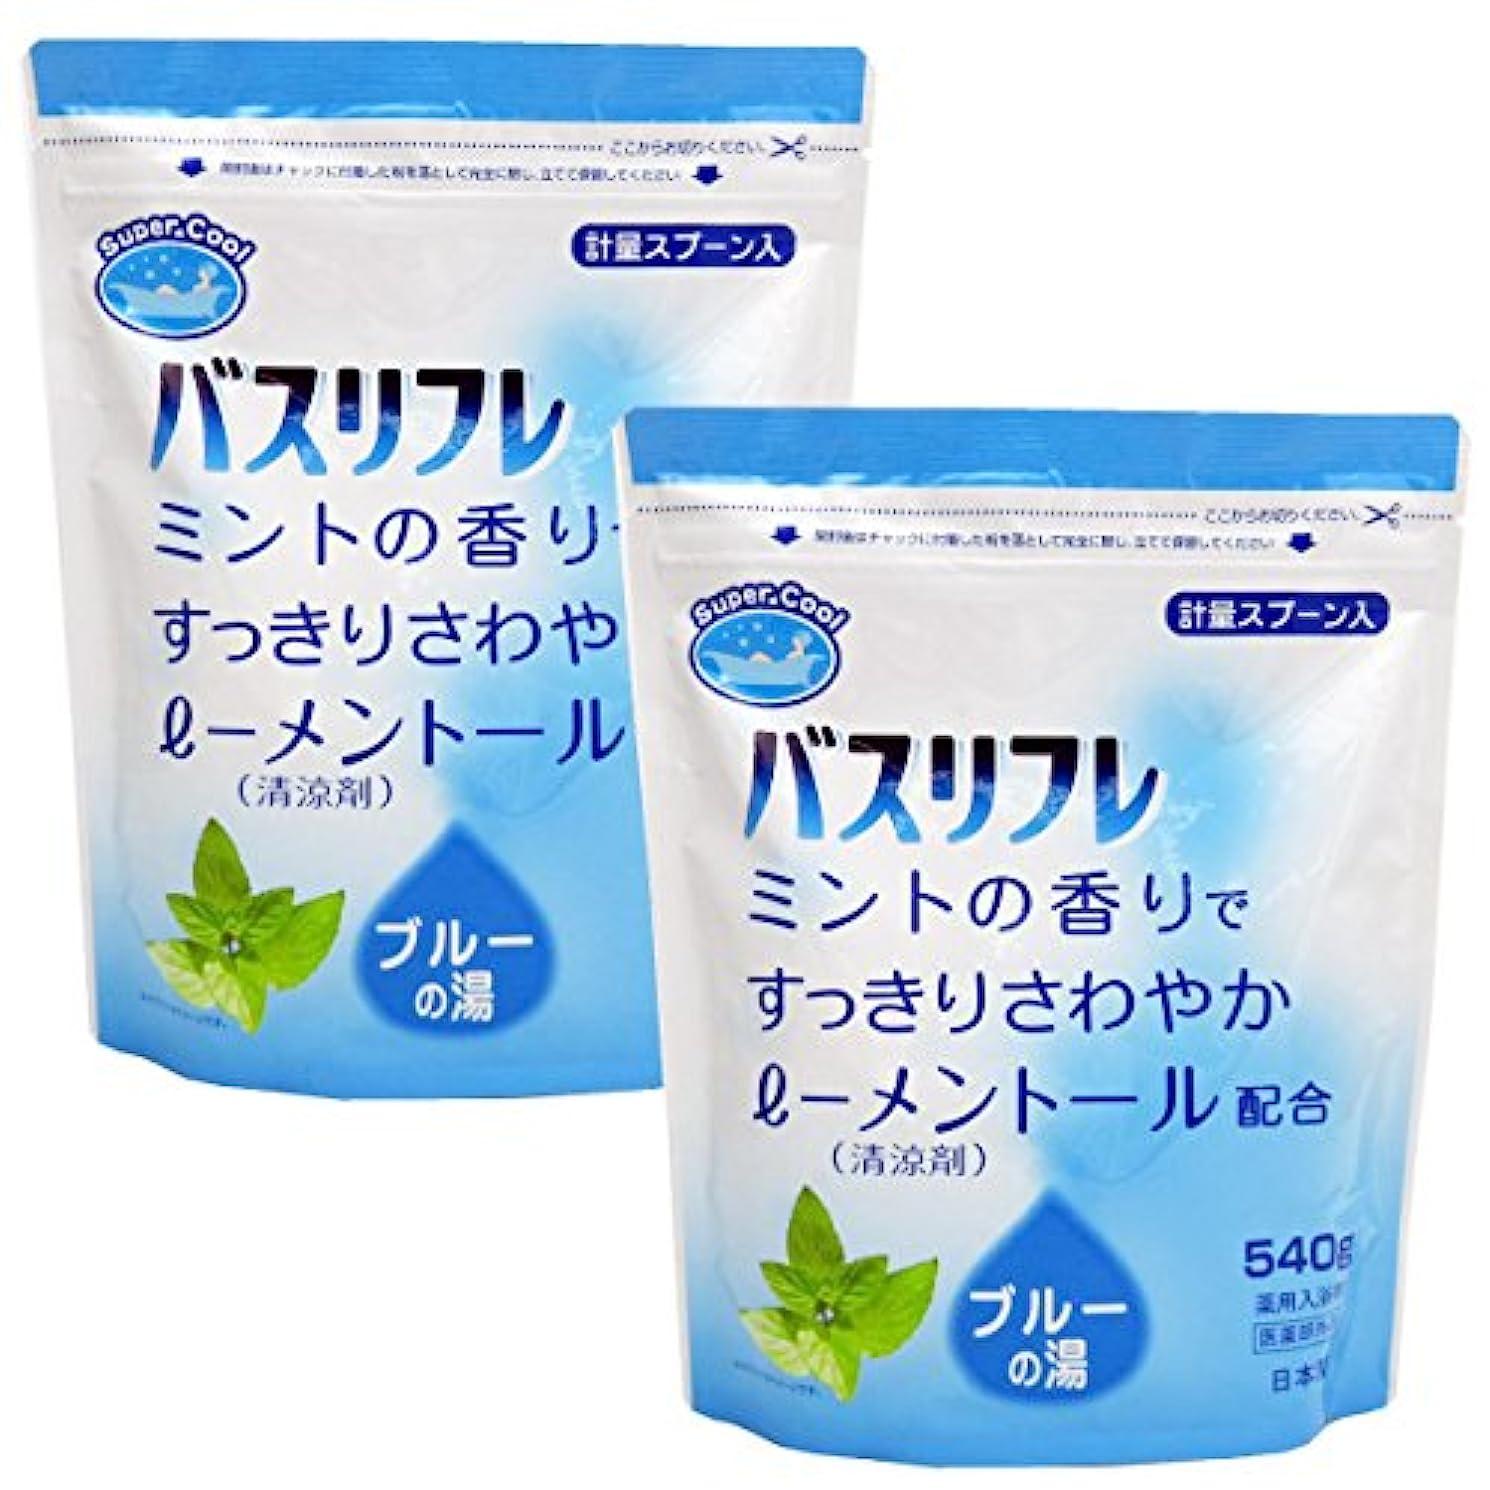 ボックス場所恥入浴剤 クール 薬用入浴剤 バスリフレ スーパークール540g×2個セット 日本製